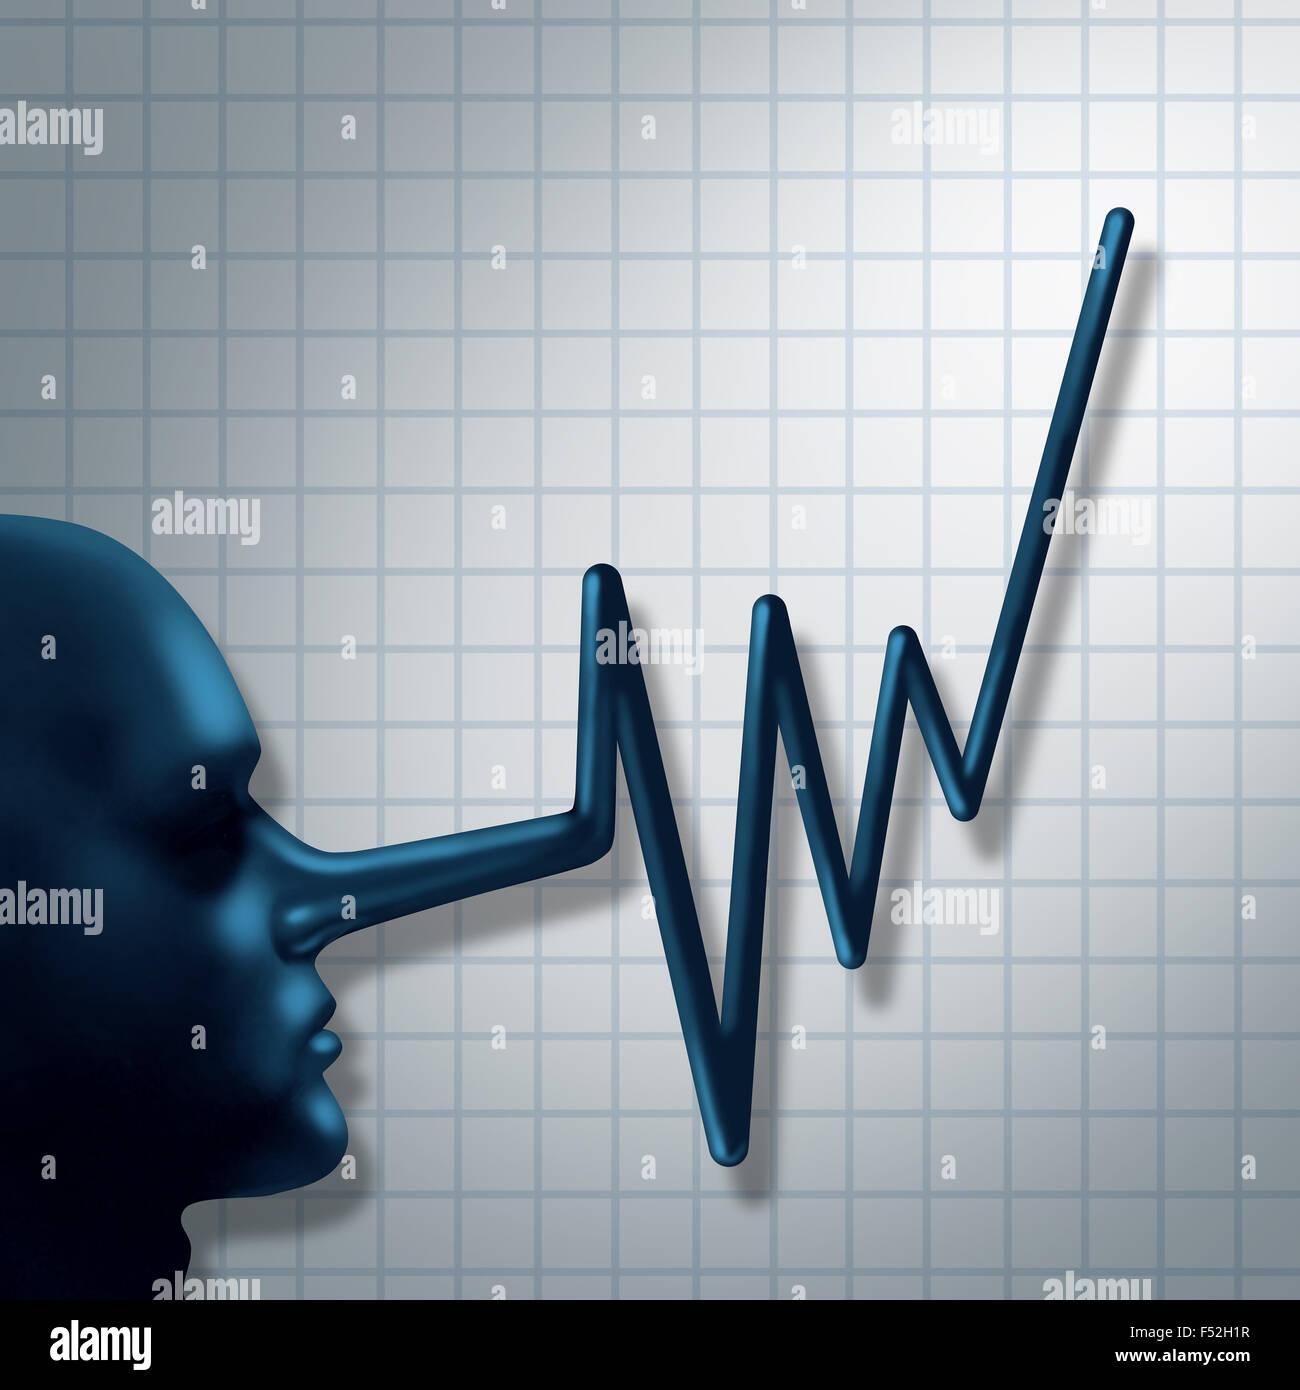 Finanzbetrug und falsche Berichterstattung Kriminalität Finanzkonzept als Chefsache Person Symbol mit langer Stockbild